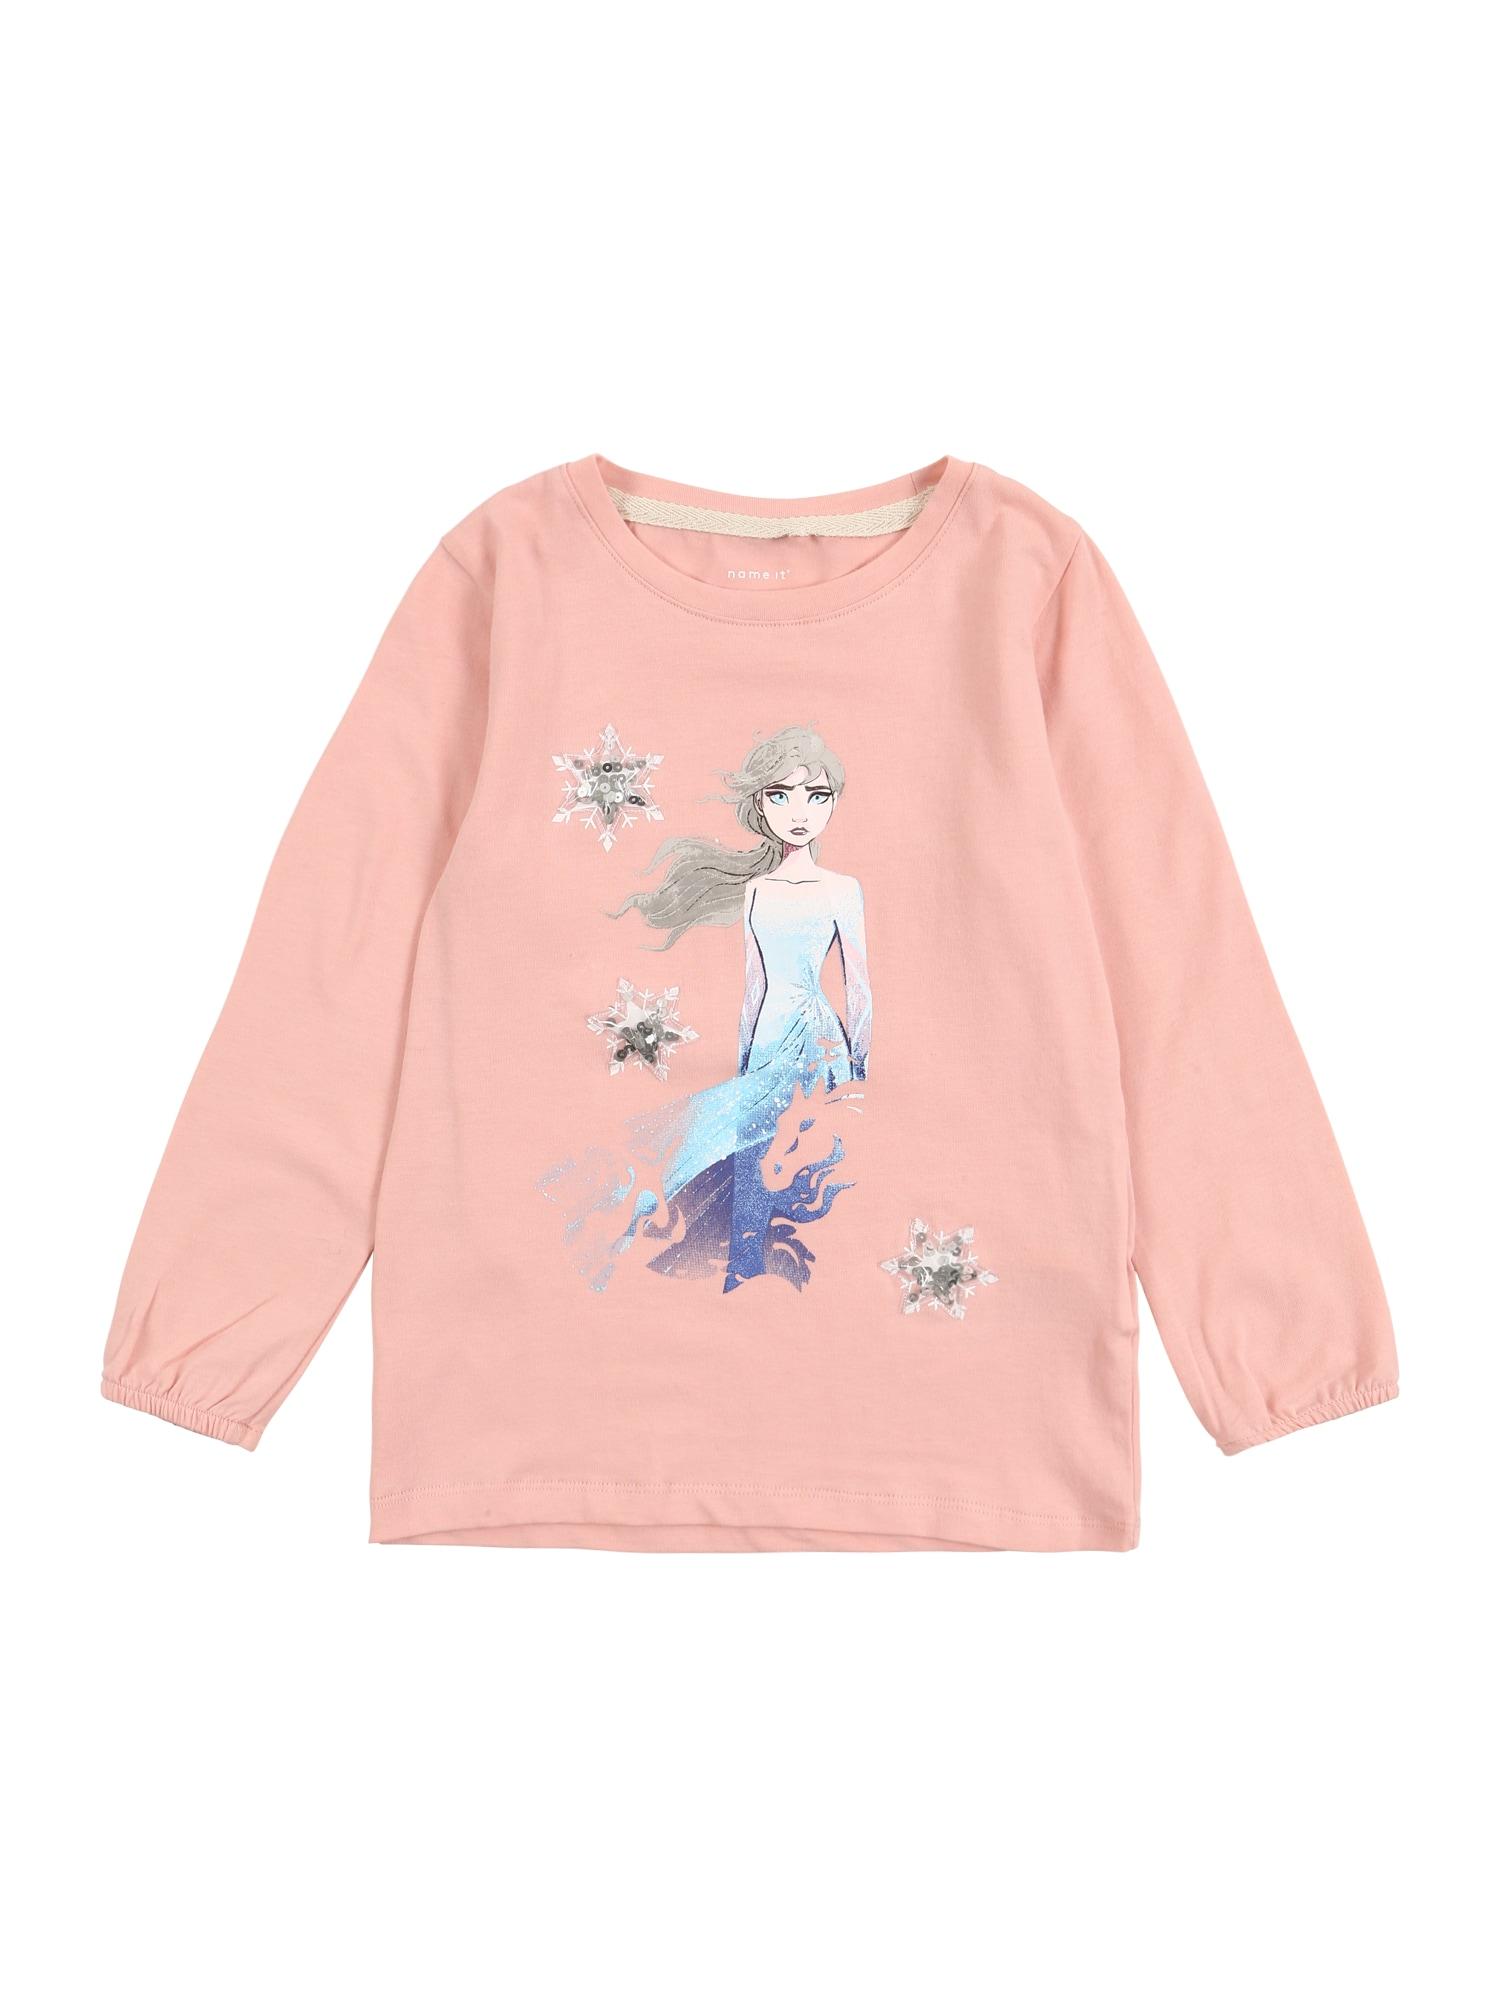 NAME IT Marškinėliai 'Die Eiskönigin' mišrios spalvos / šviesiai rožinė